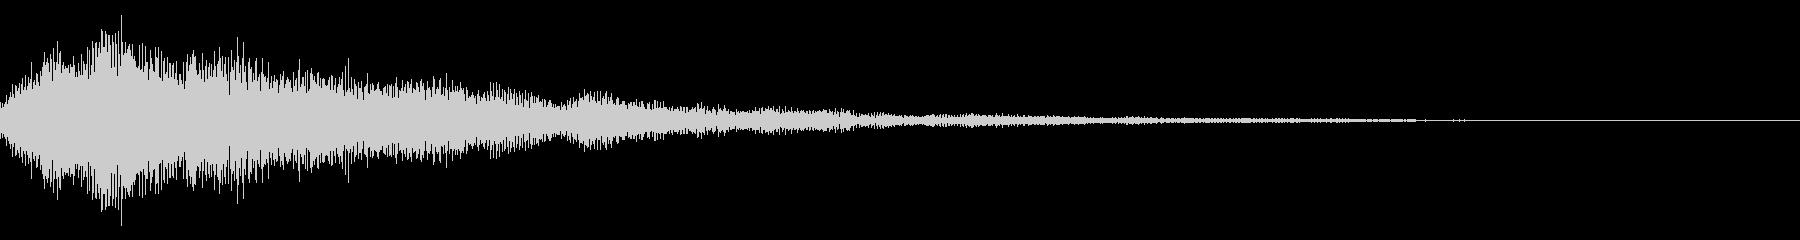 キラキラ/決定/綺麗の未再生の波形